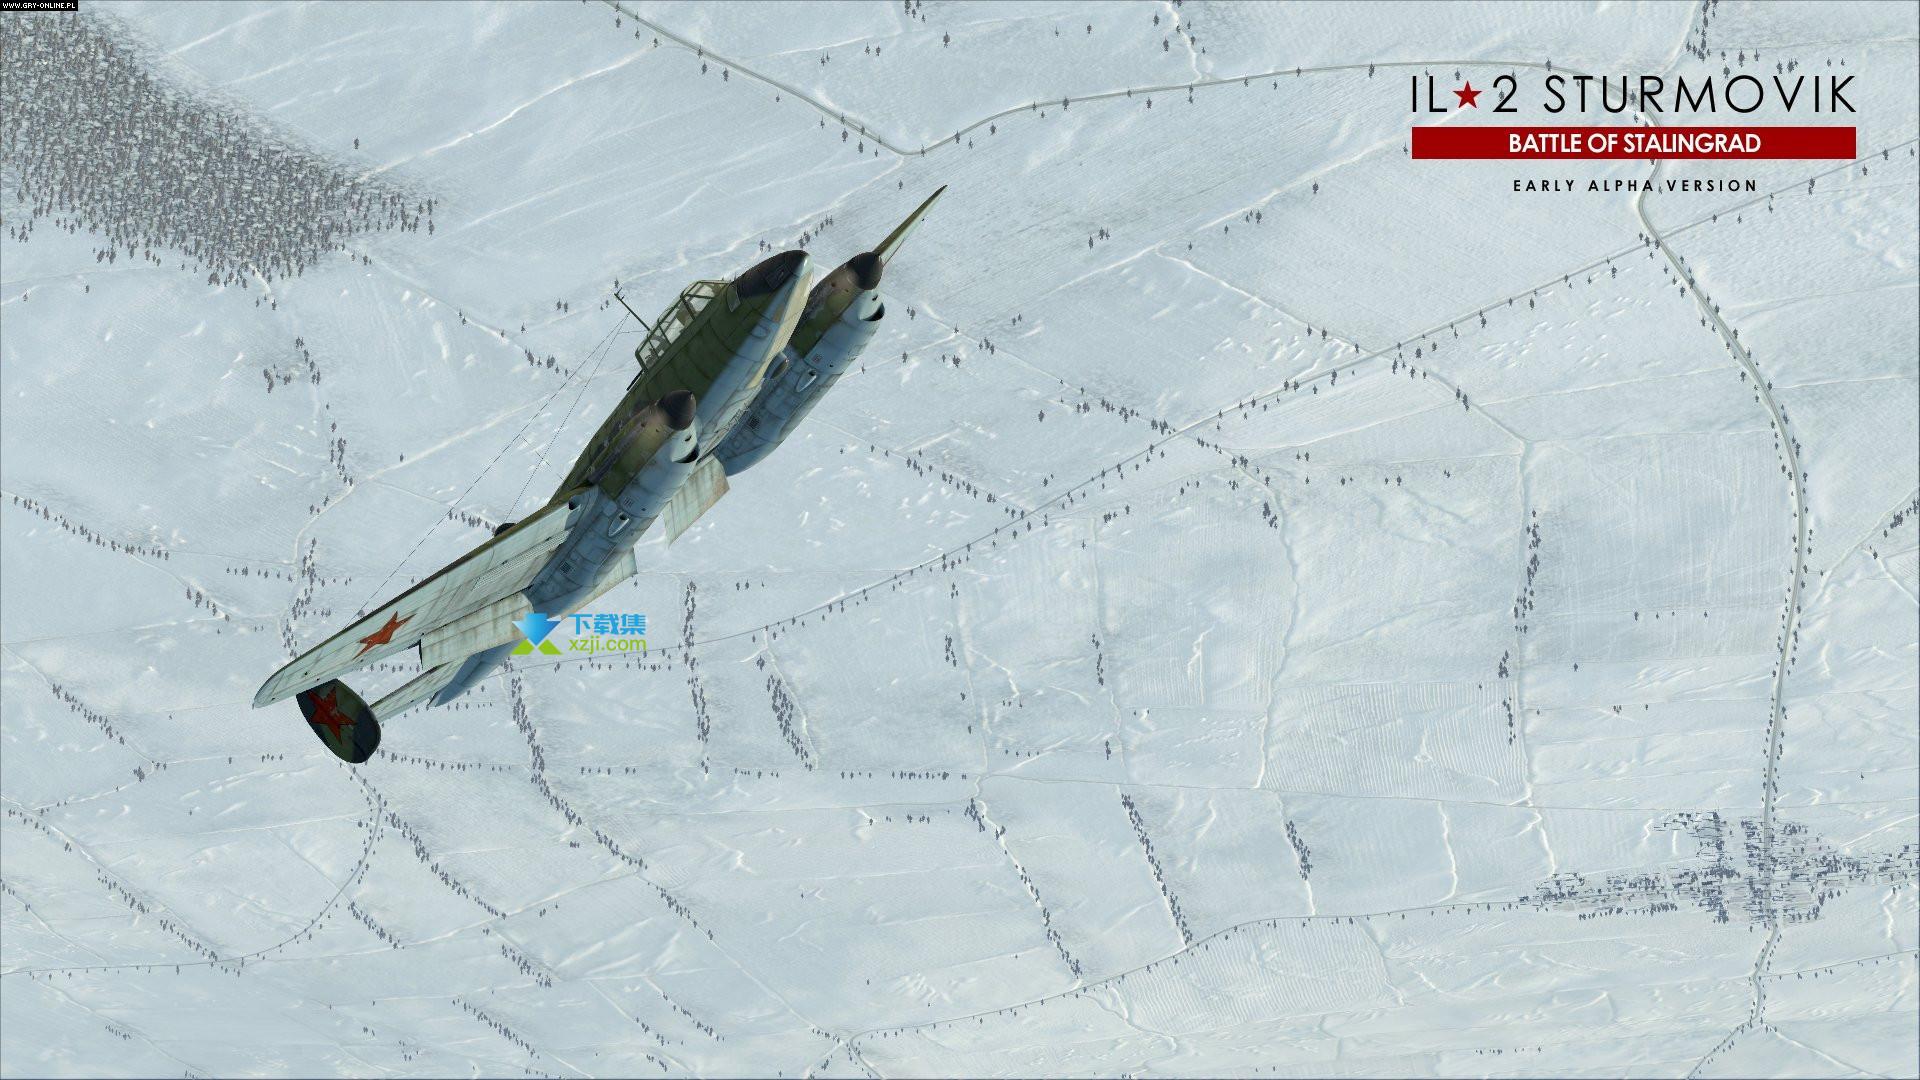 捍卫雄鹰IL-2斯大林格勒战役界面